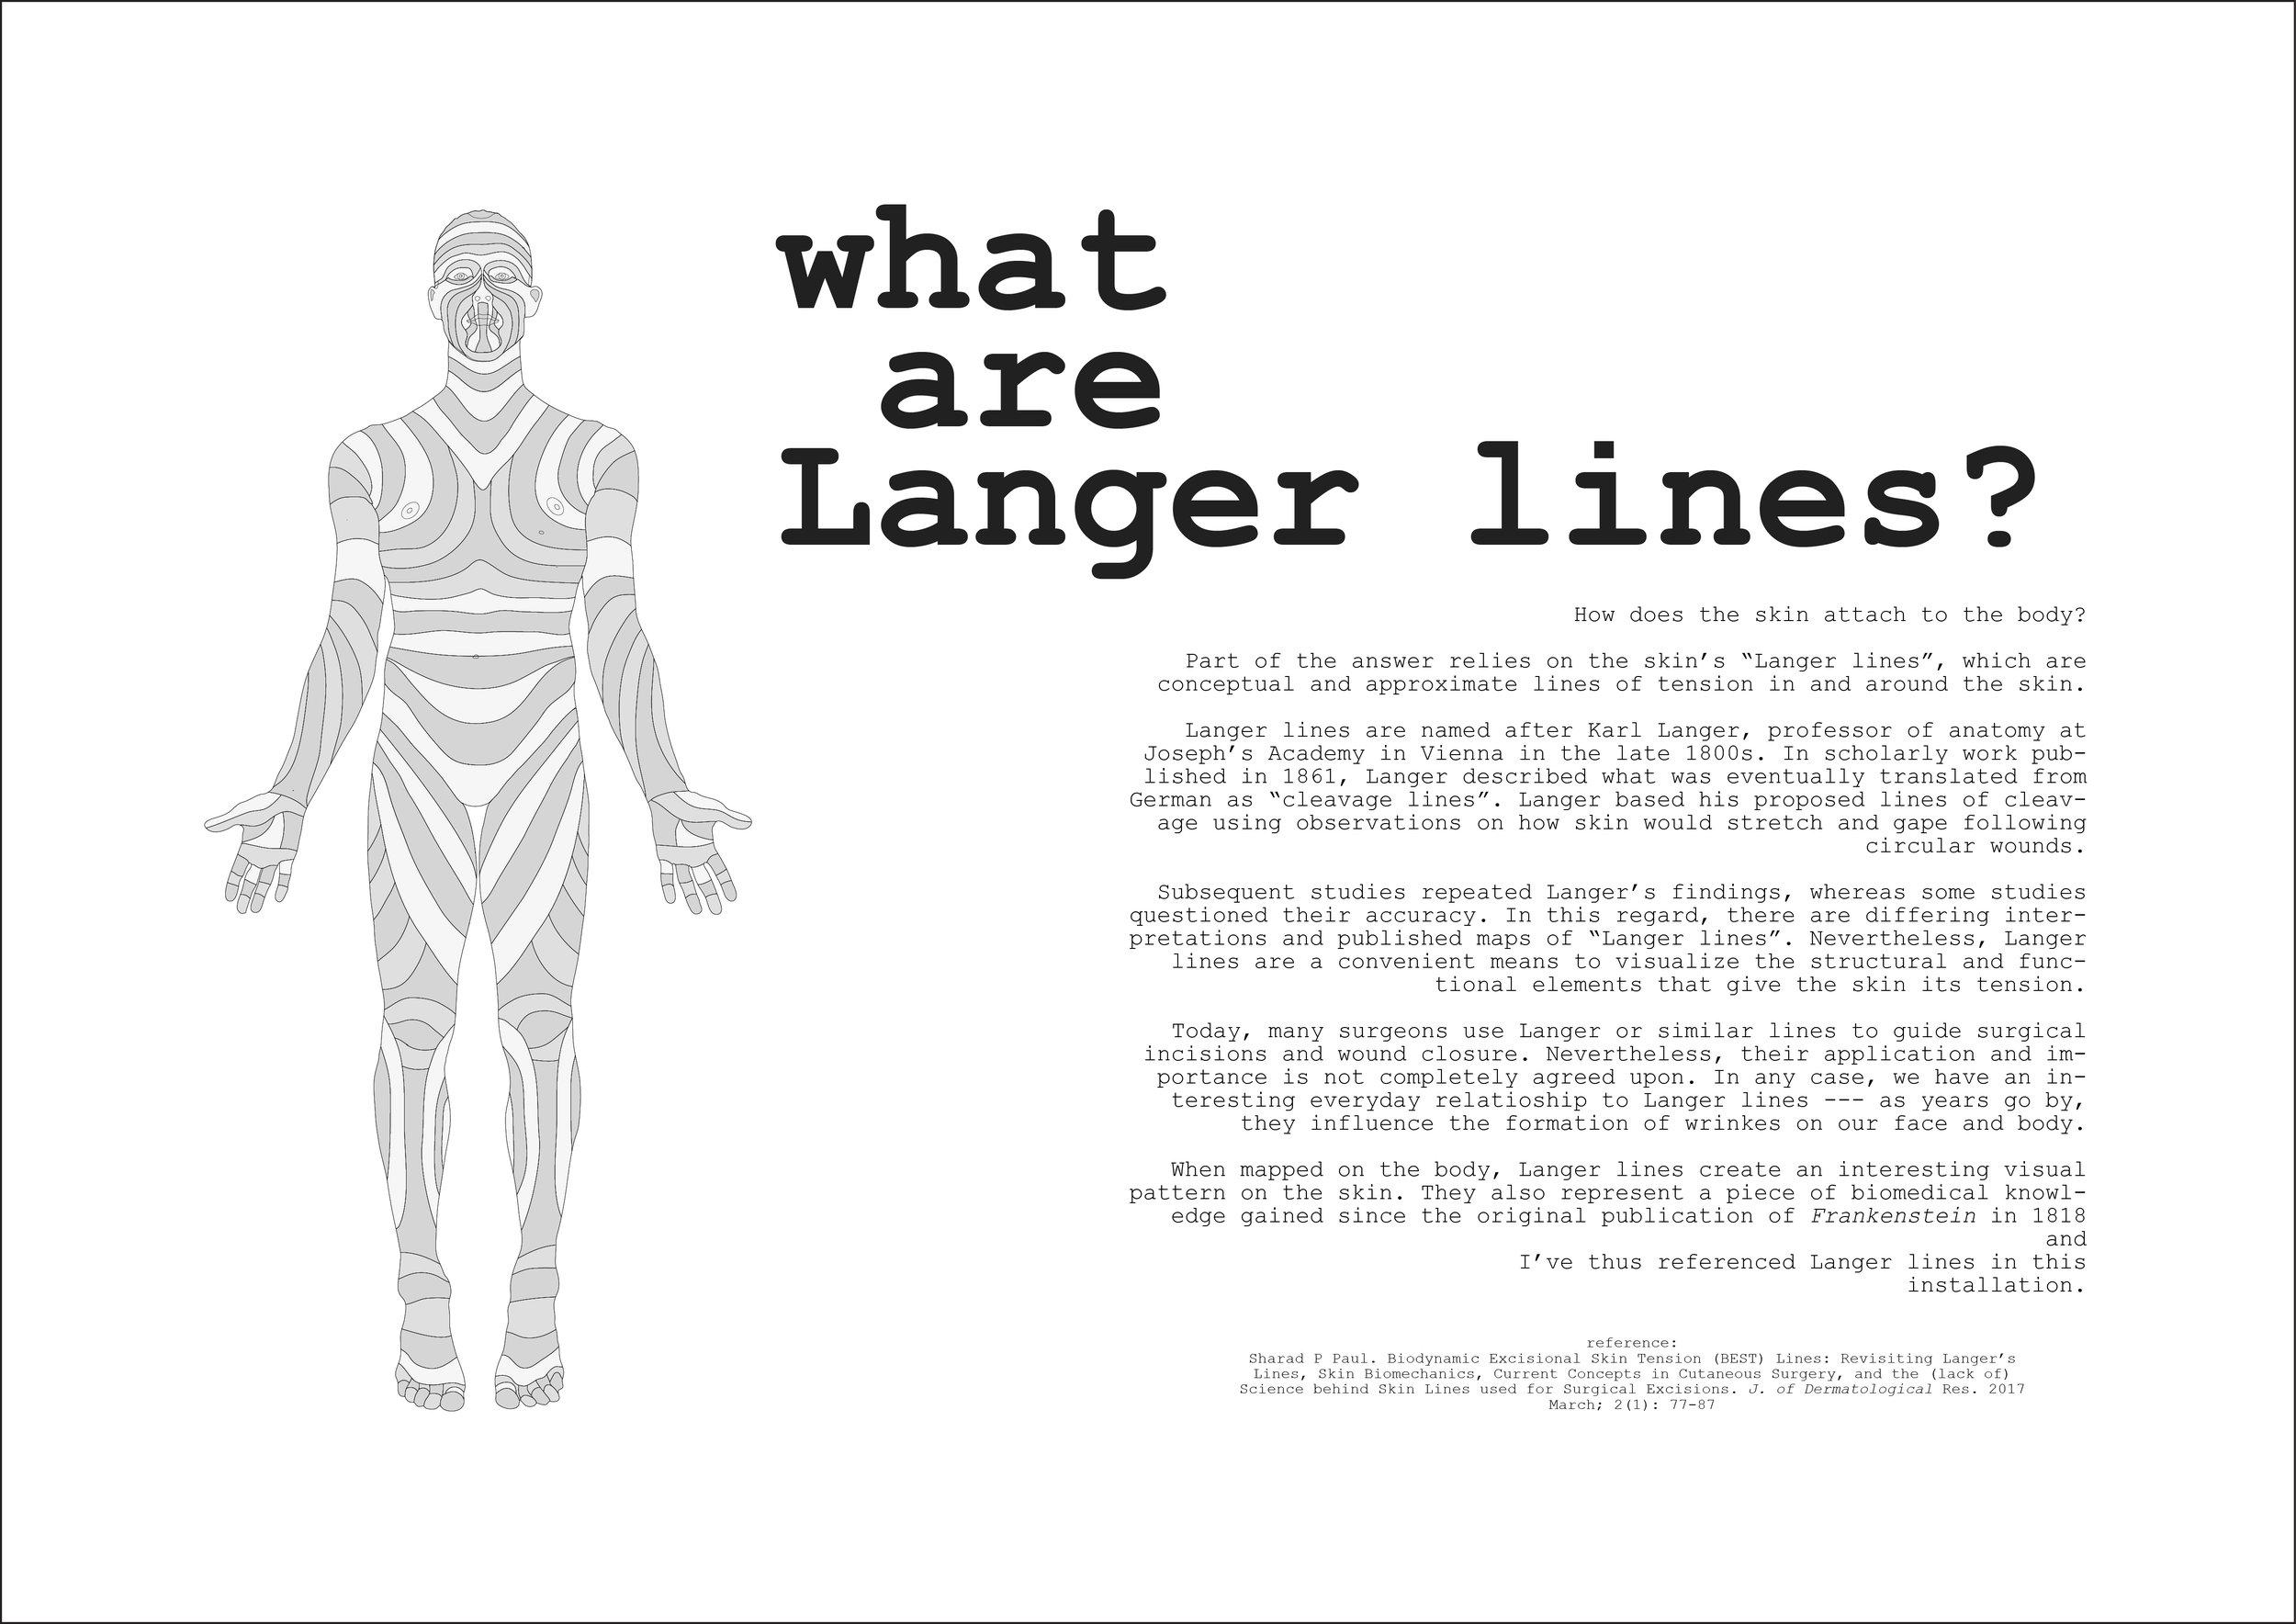 Langer lines